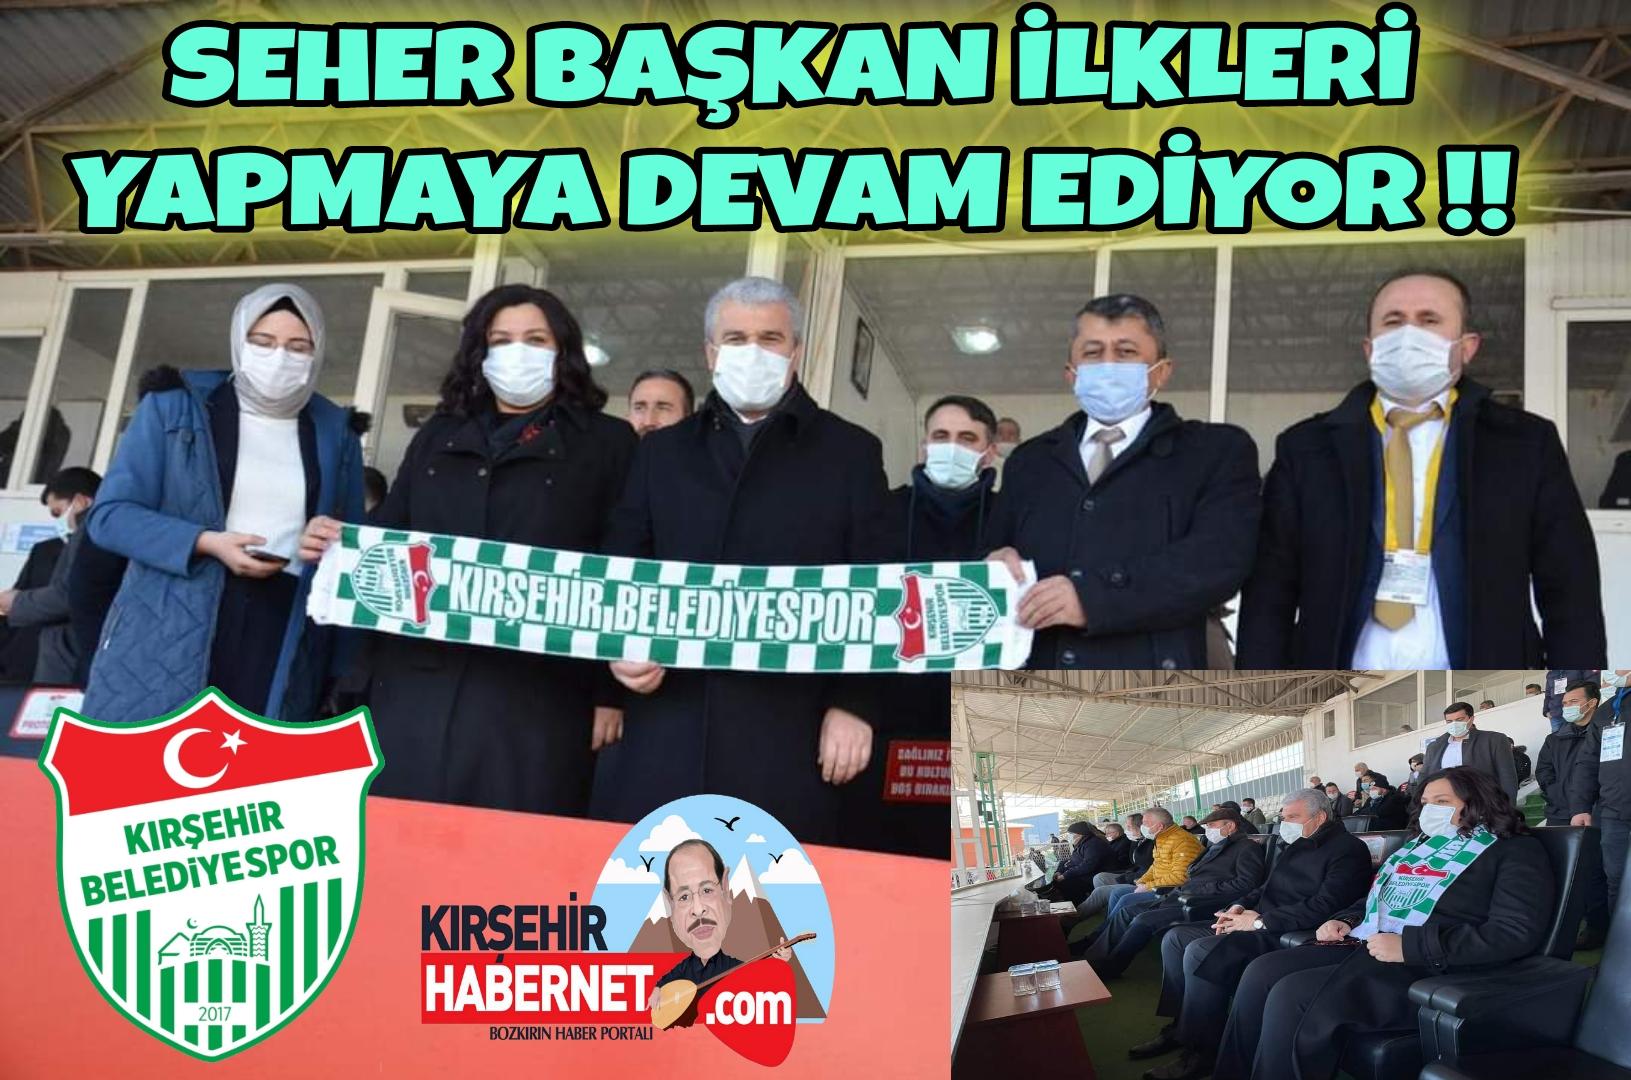 BAŞKAN ÜNSAL, KIRŞEHİR BELEDİYESPOR MAÇINI İZLEDİ !!